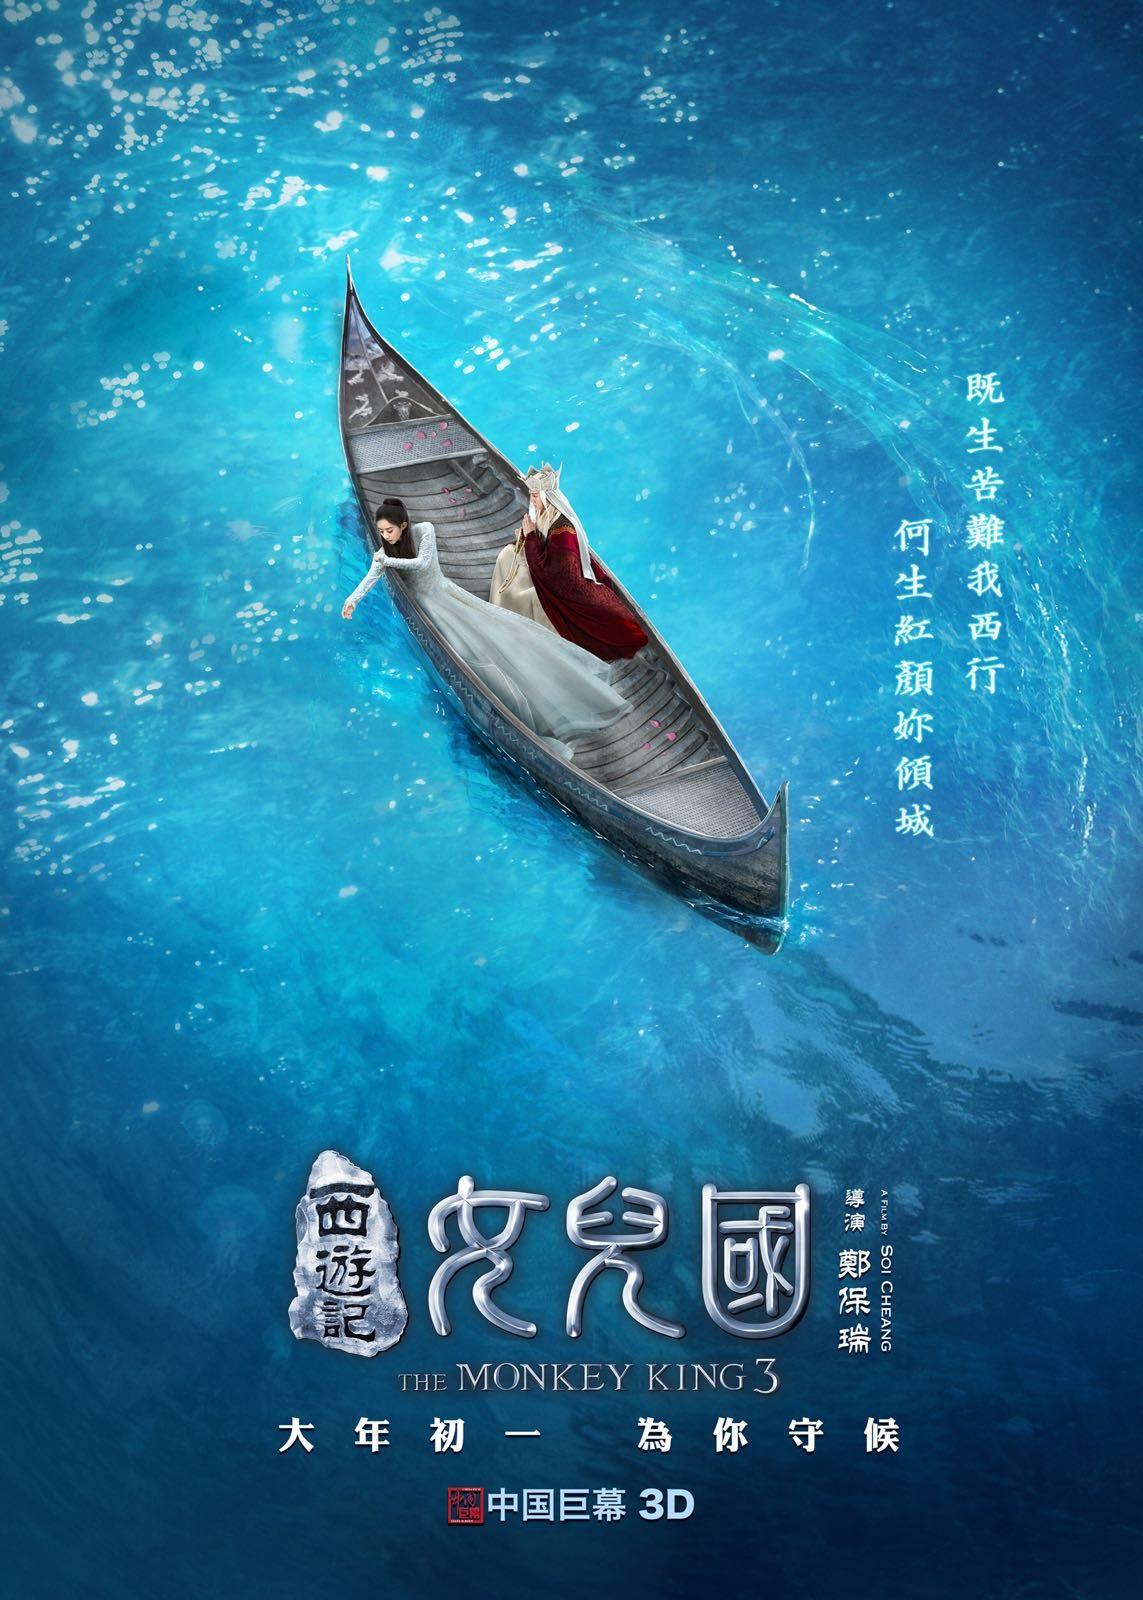 《西遊記女兒國》攜手中國巨幕創亞洲首映之最